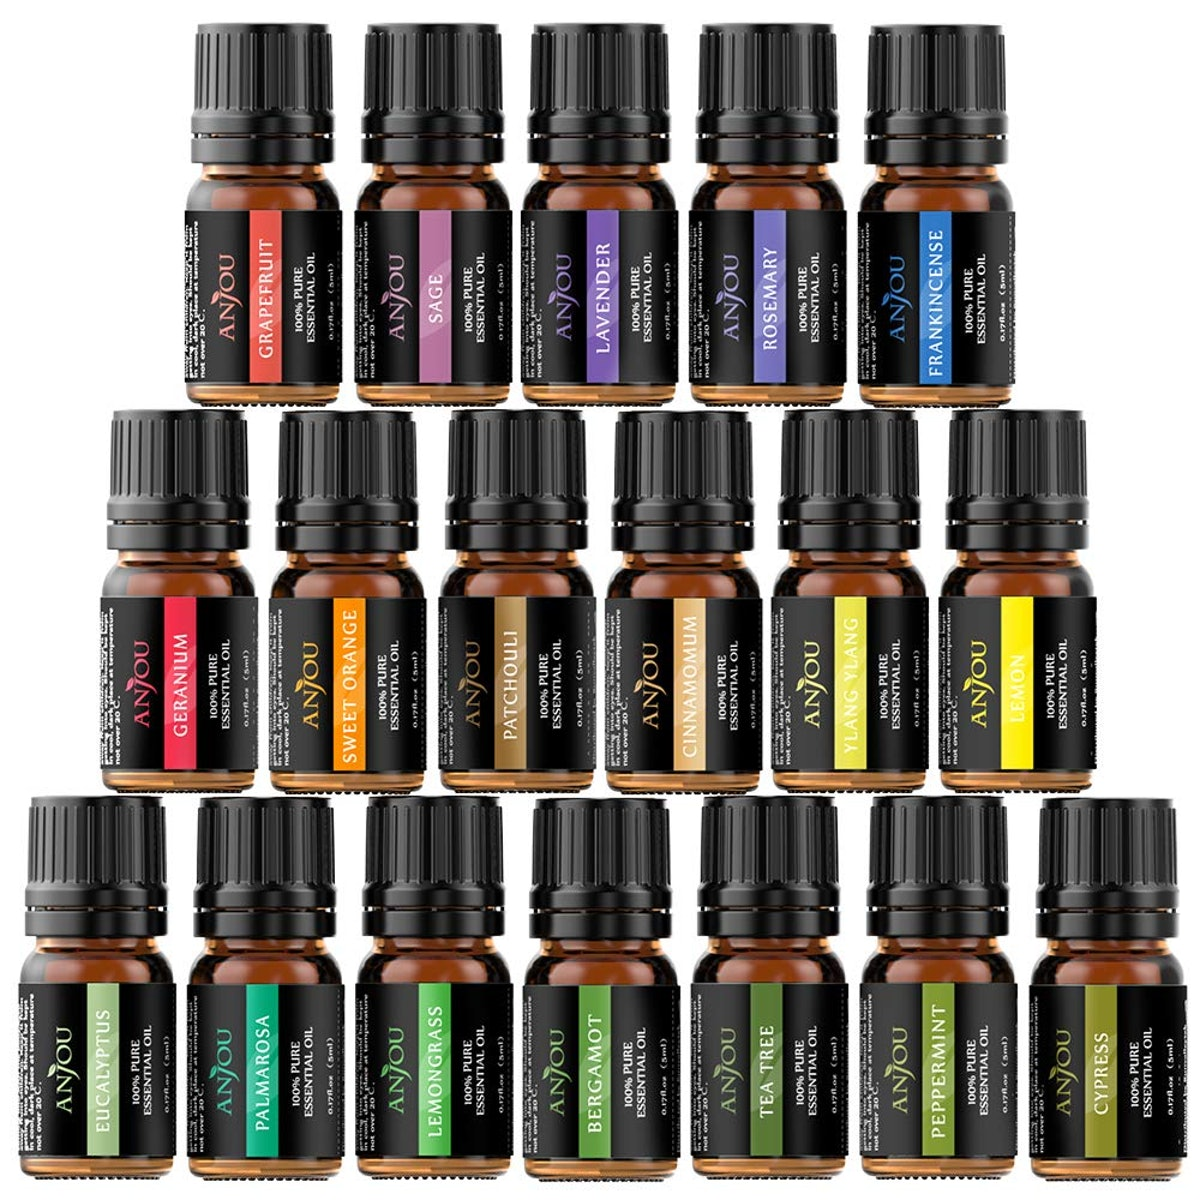 Anjou Essential Oils Gift Set